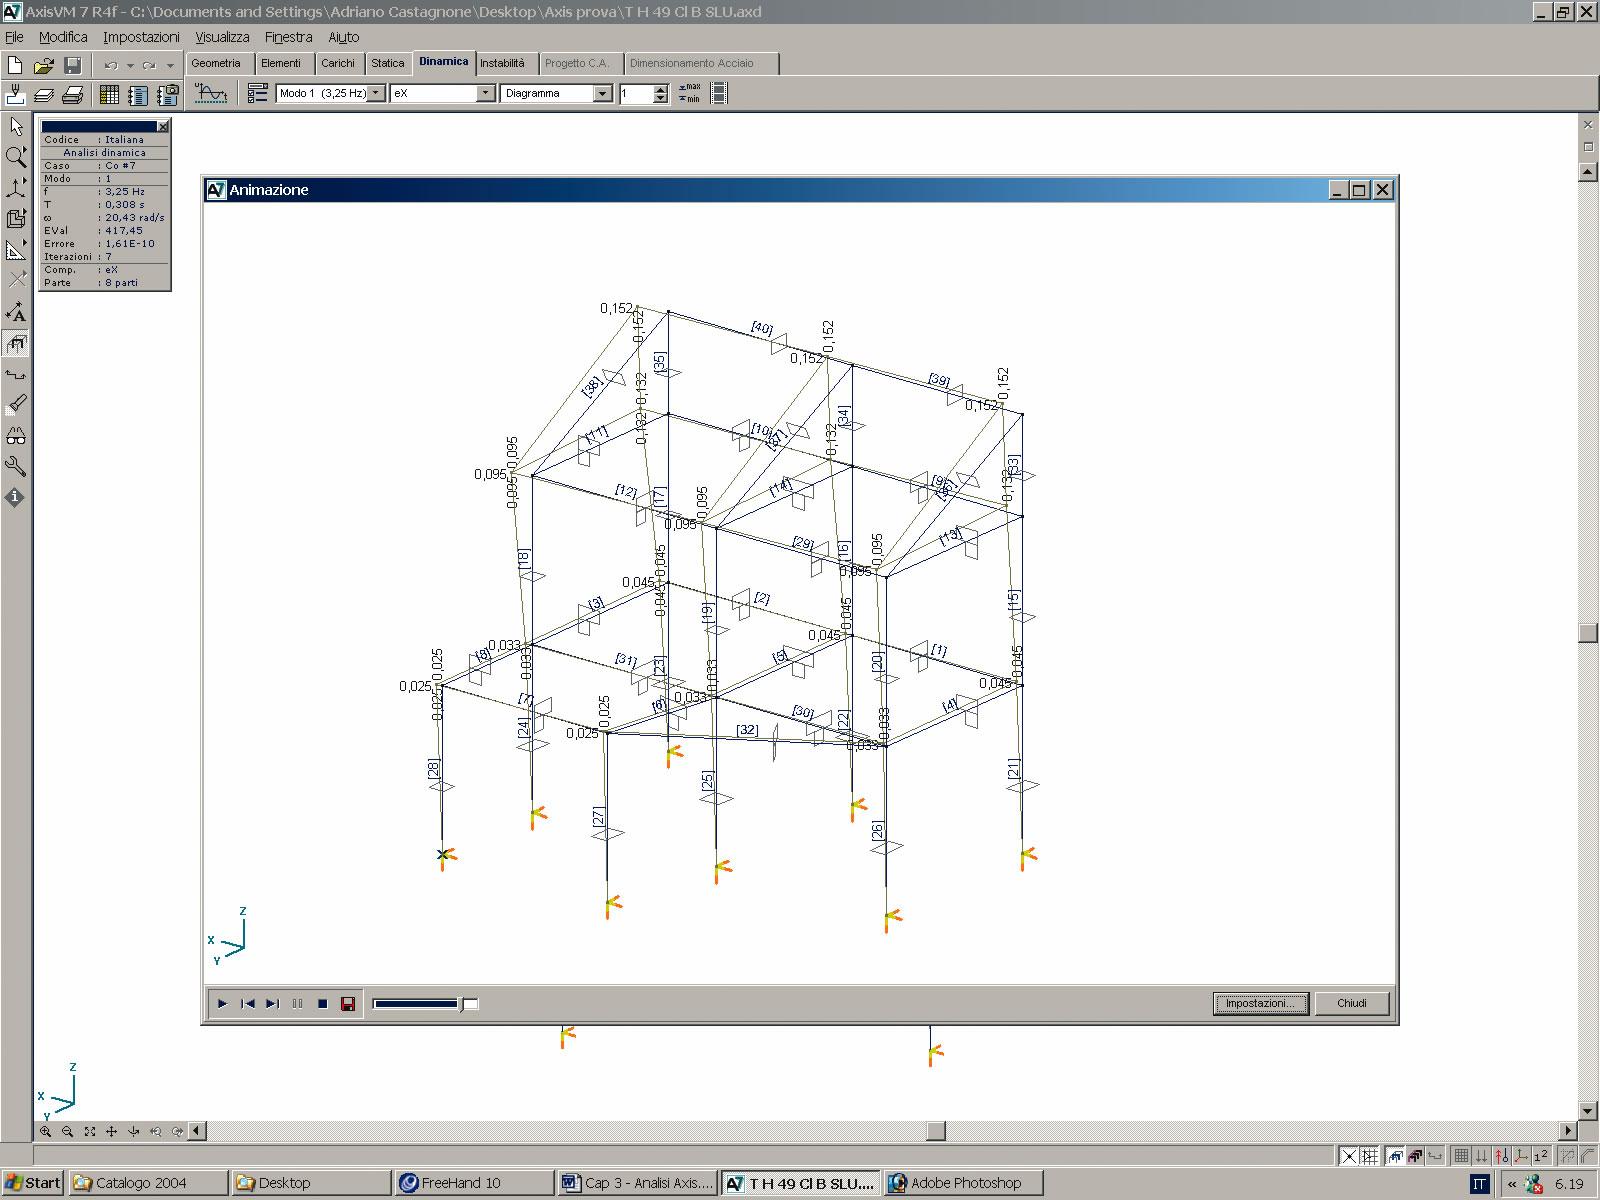 AxisVM - Analisi lineari